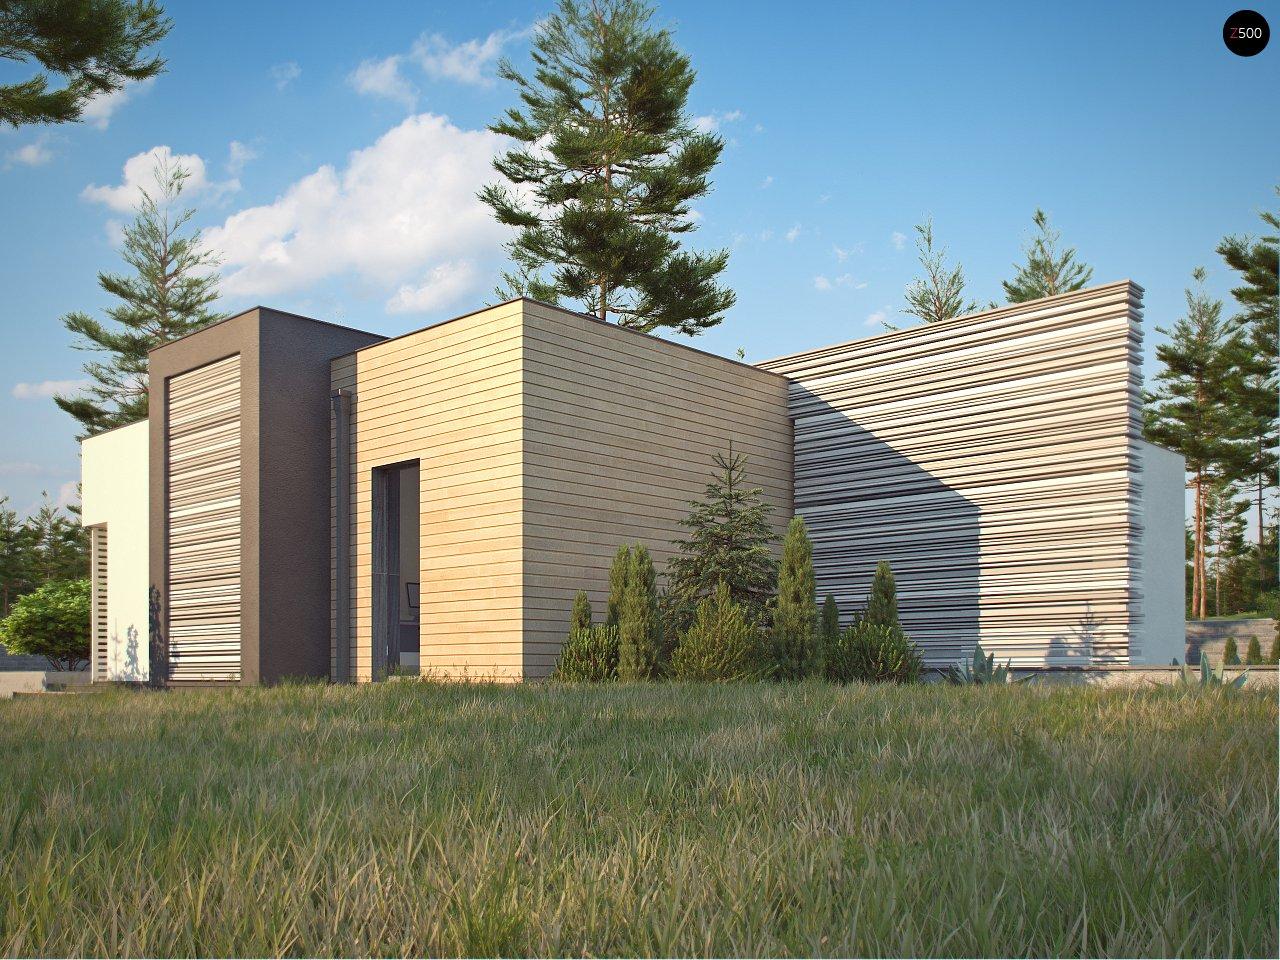 Одноэтажный дом в стиле хай-тек с плоской кровлей и большой площадью остекления. 4